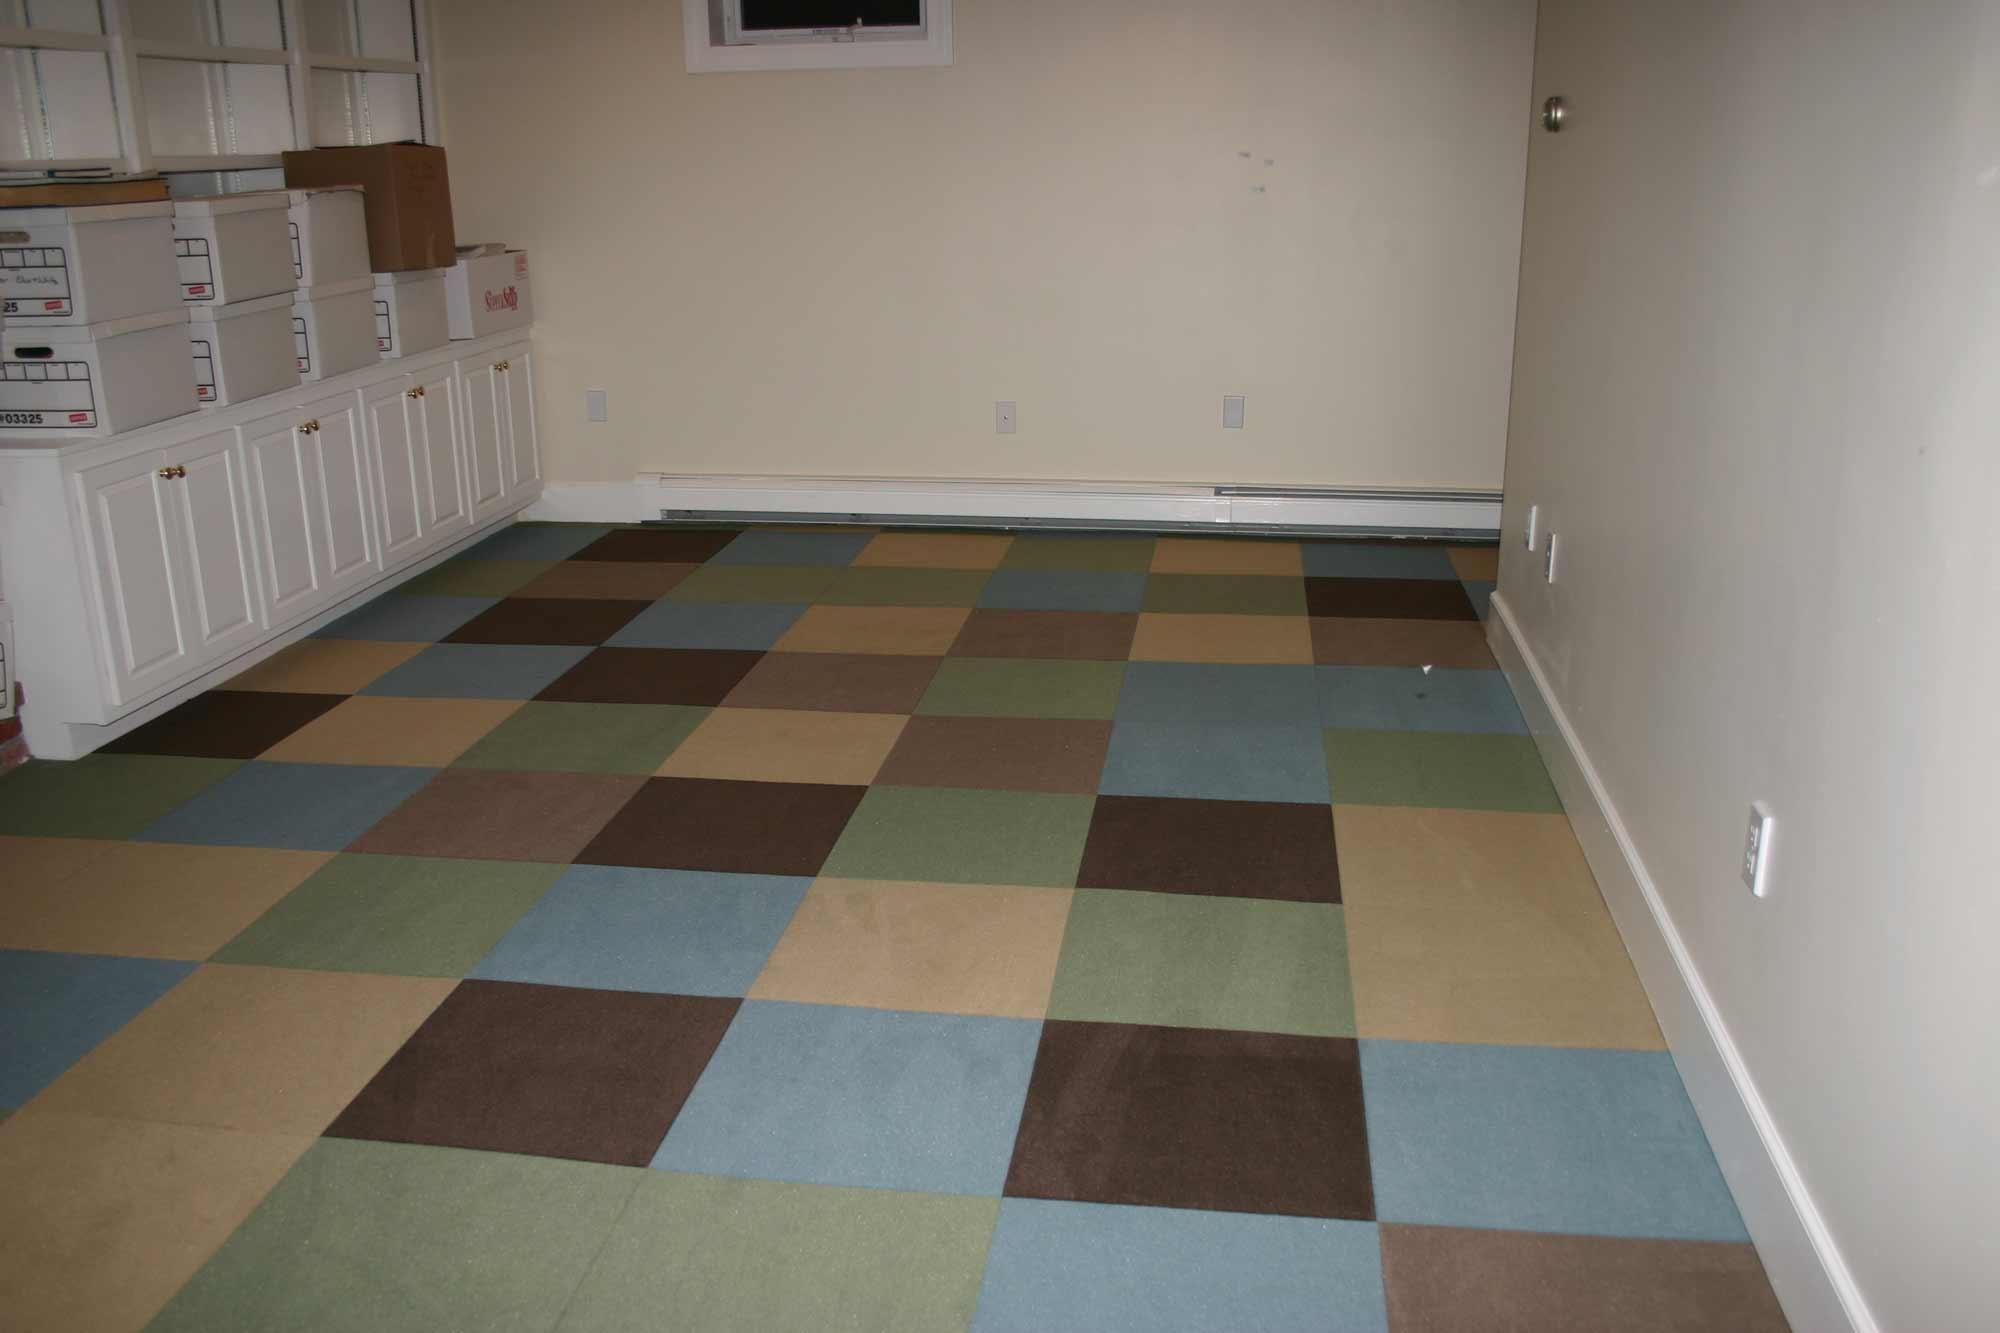 Wet Basement Floor Tiles